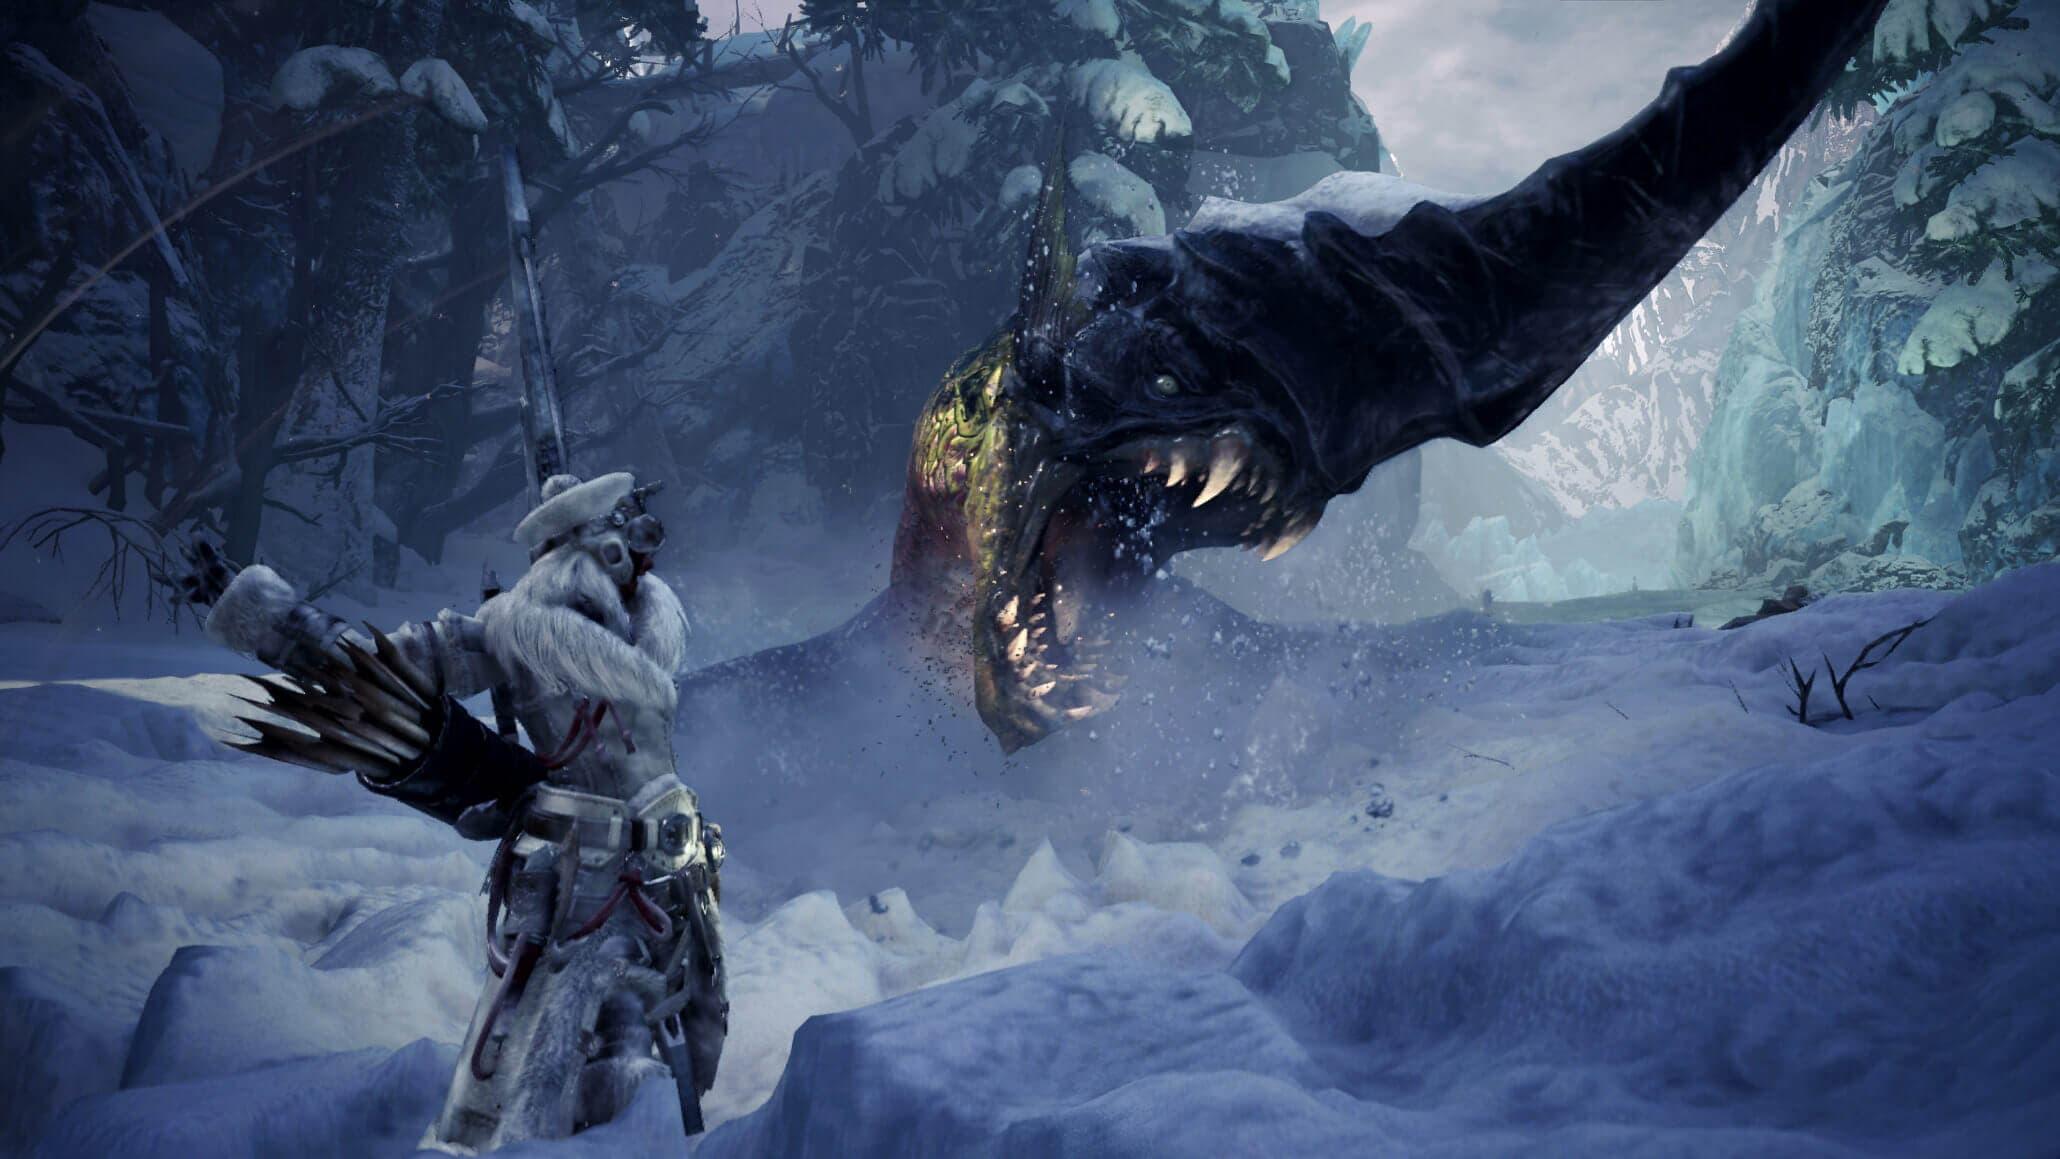 Monster Hunter World: Iceborne concreta su lanzamiento en PC con espectacular en su tráiler de anuncio